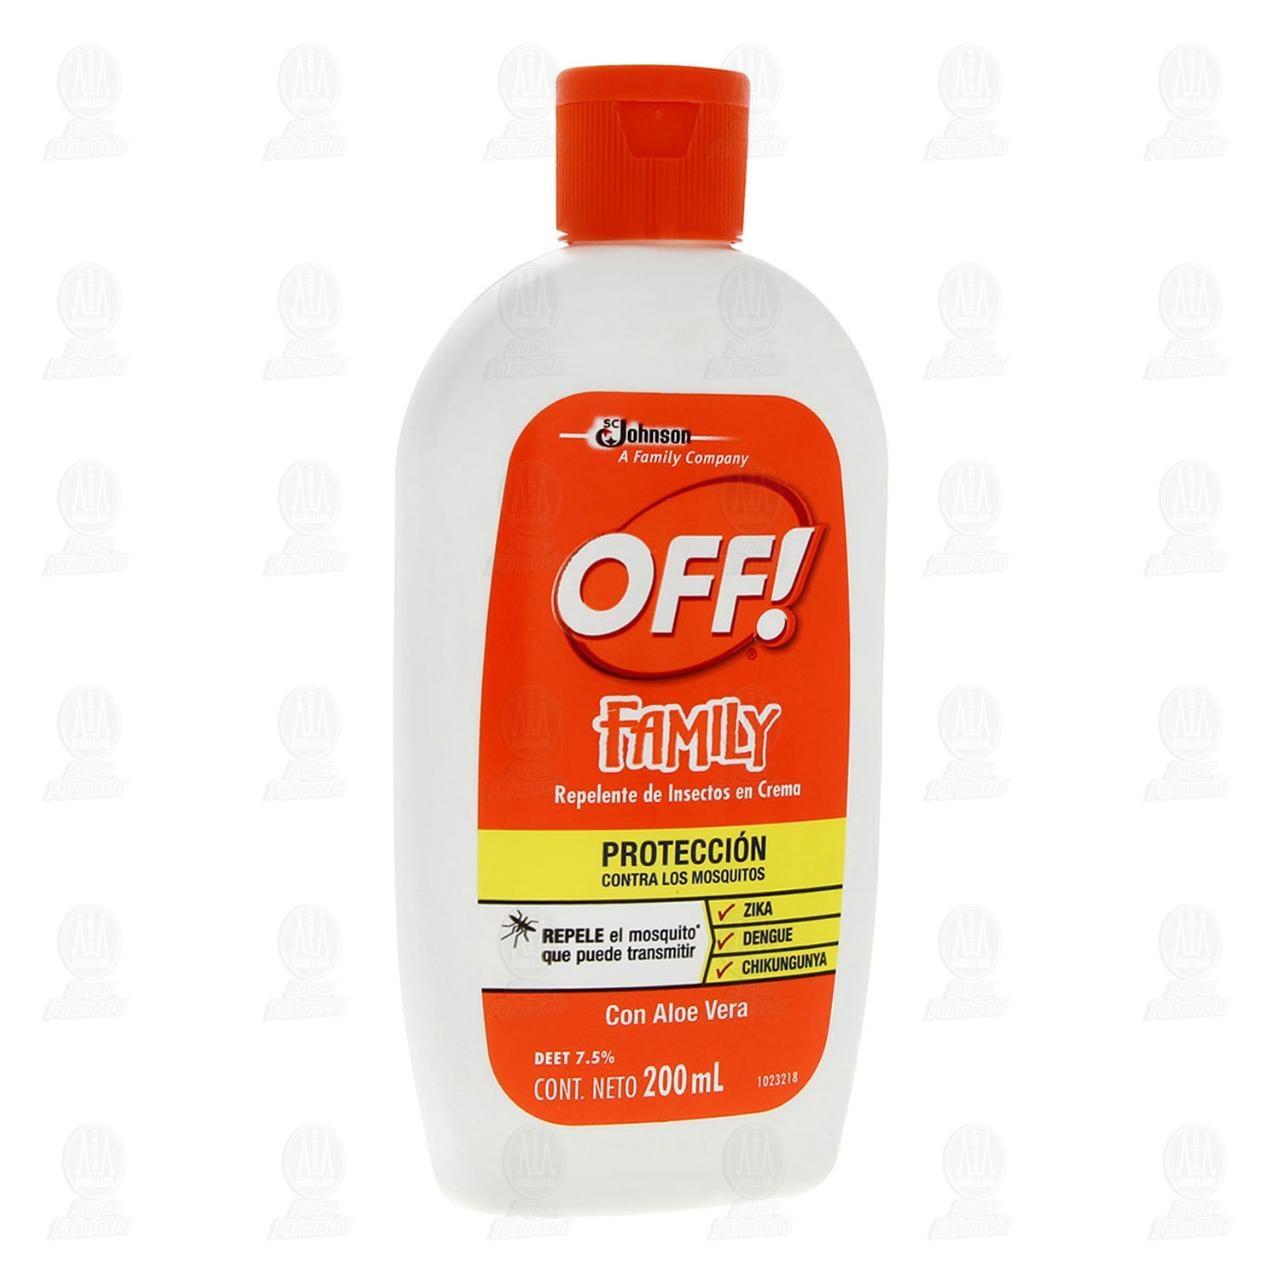 Repelente de Insectos Off! Family en Crema, 200 ml.